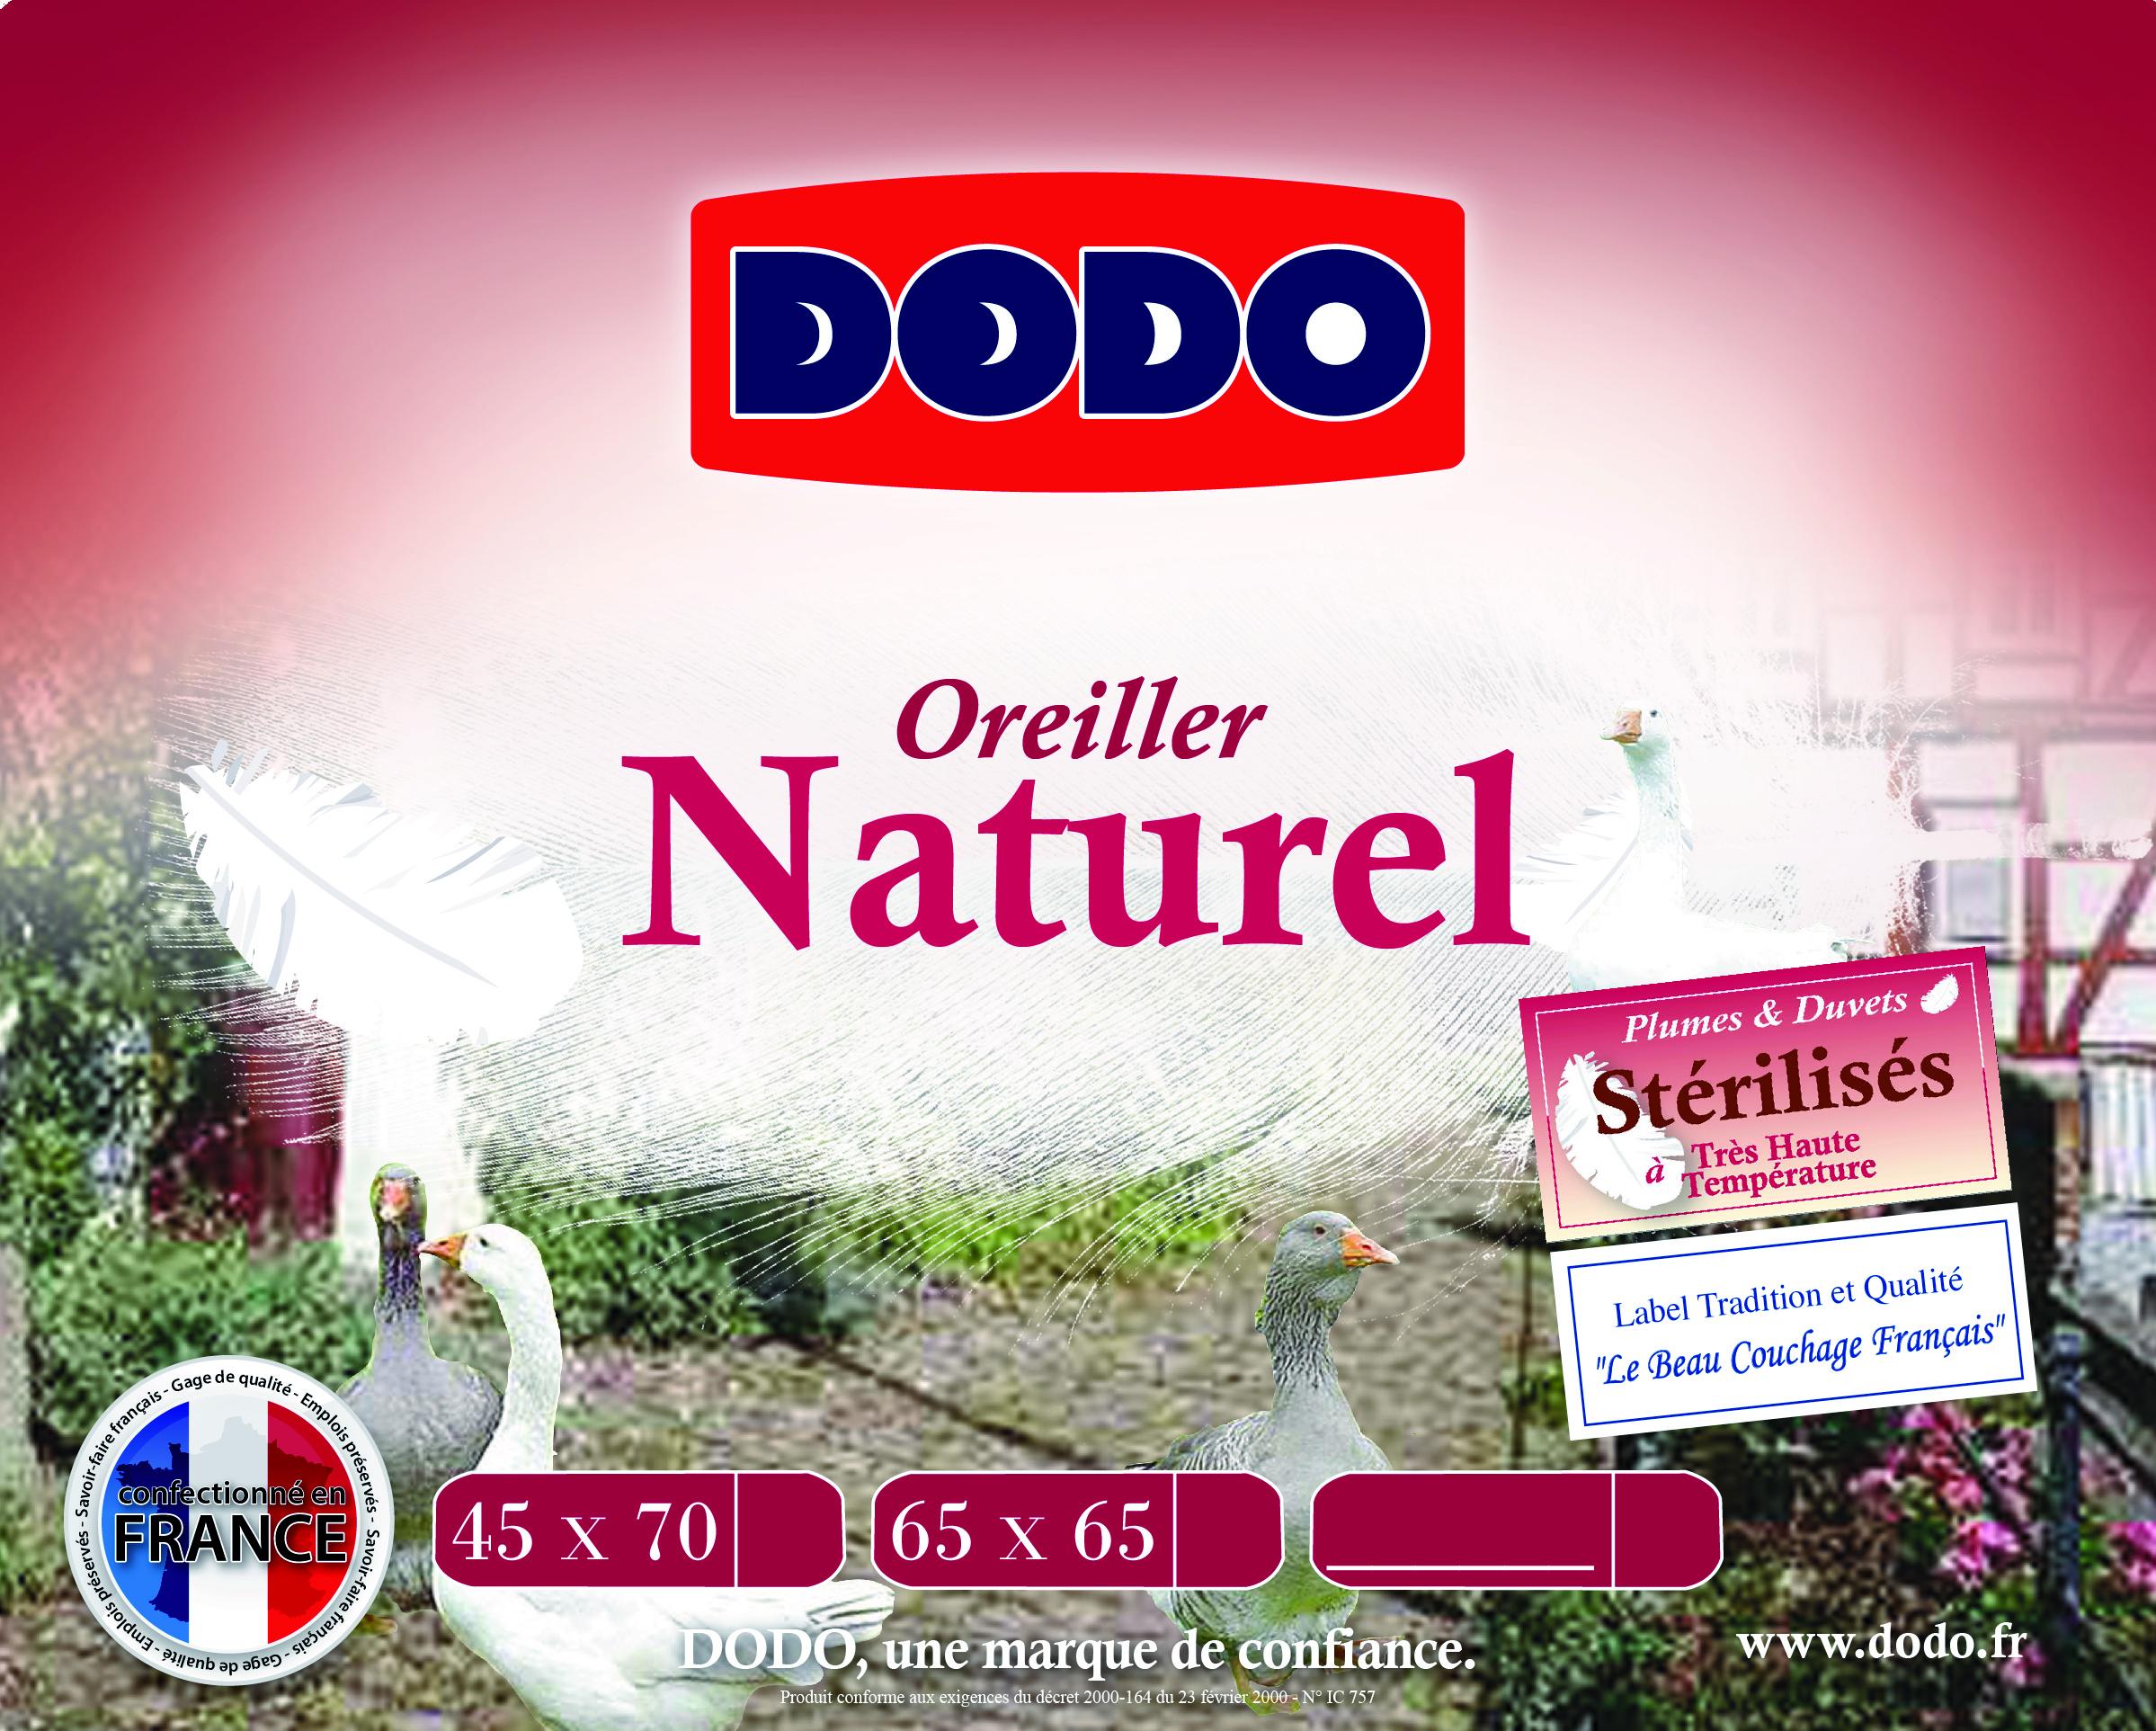 oreiller naturel dodo oreiller naturel oreiller naturel dodo